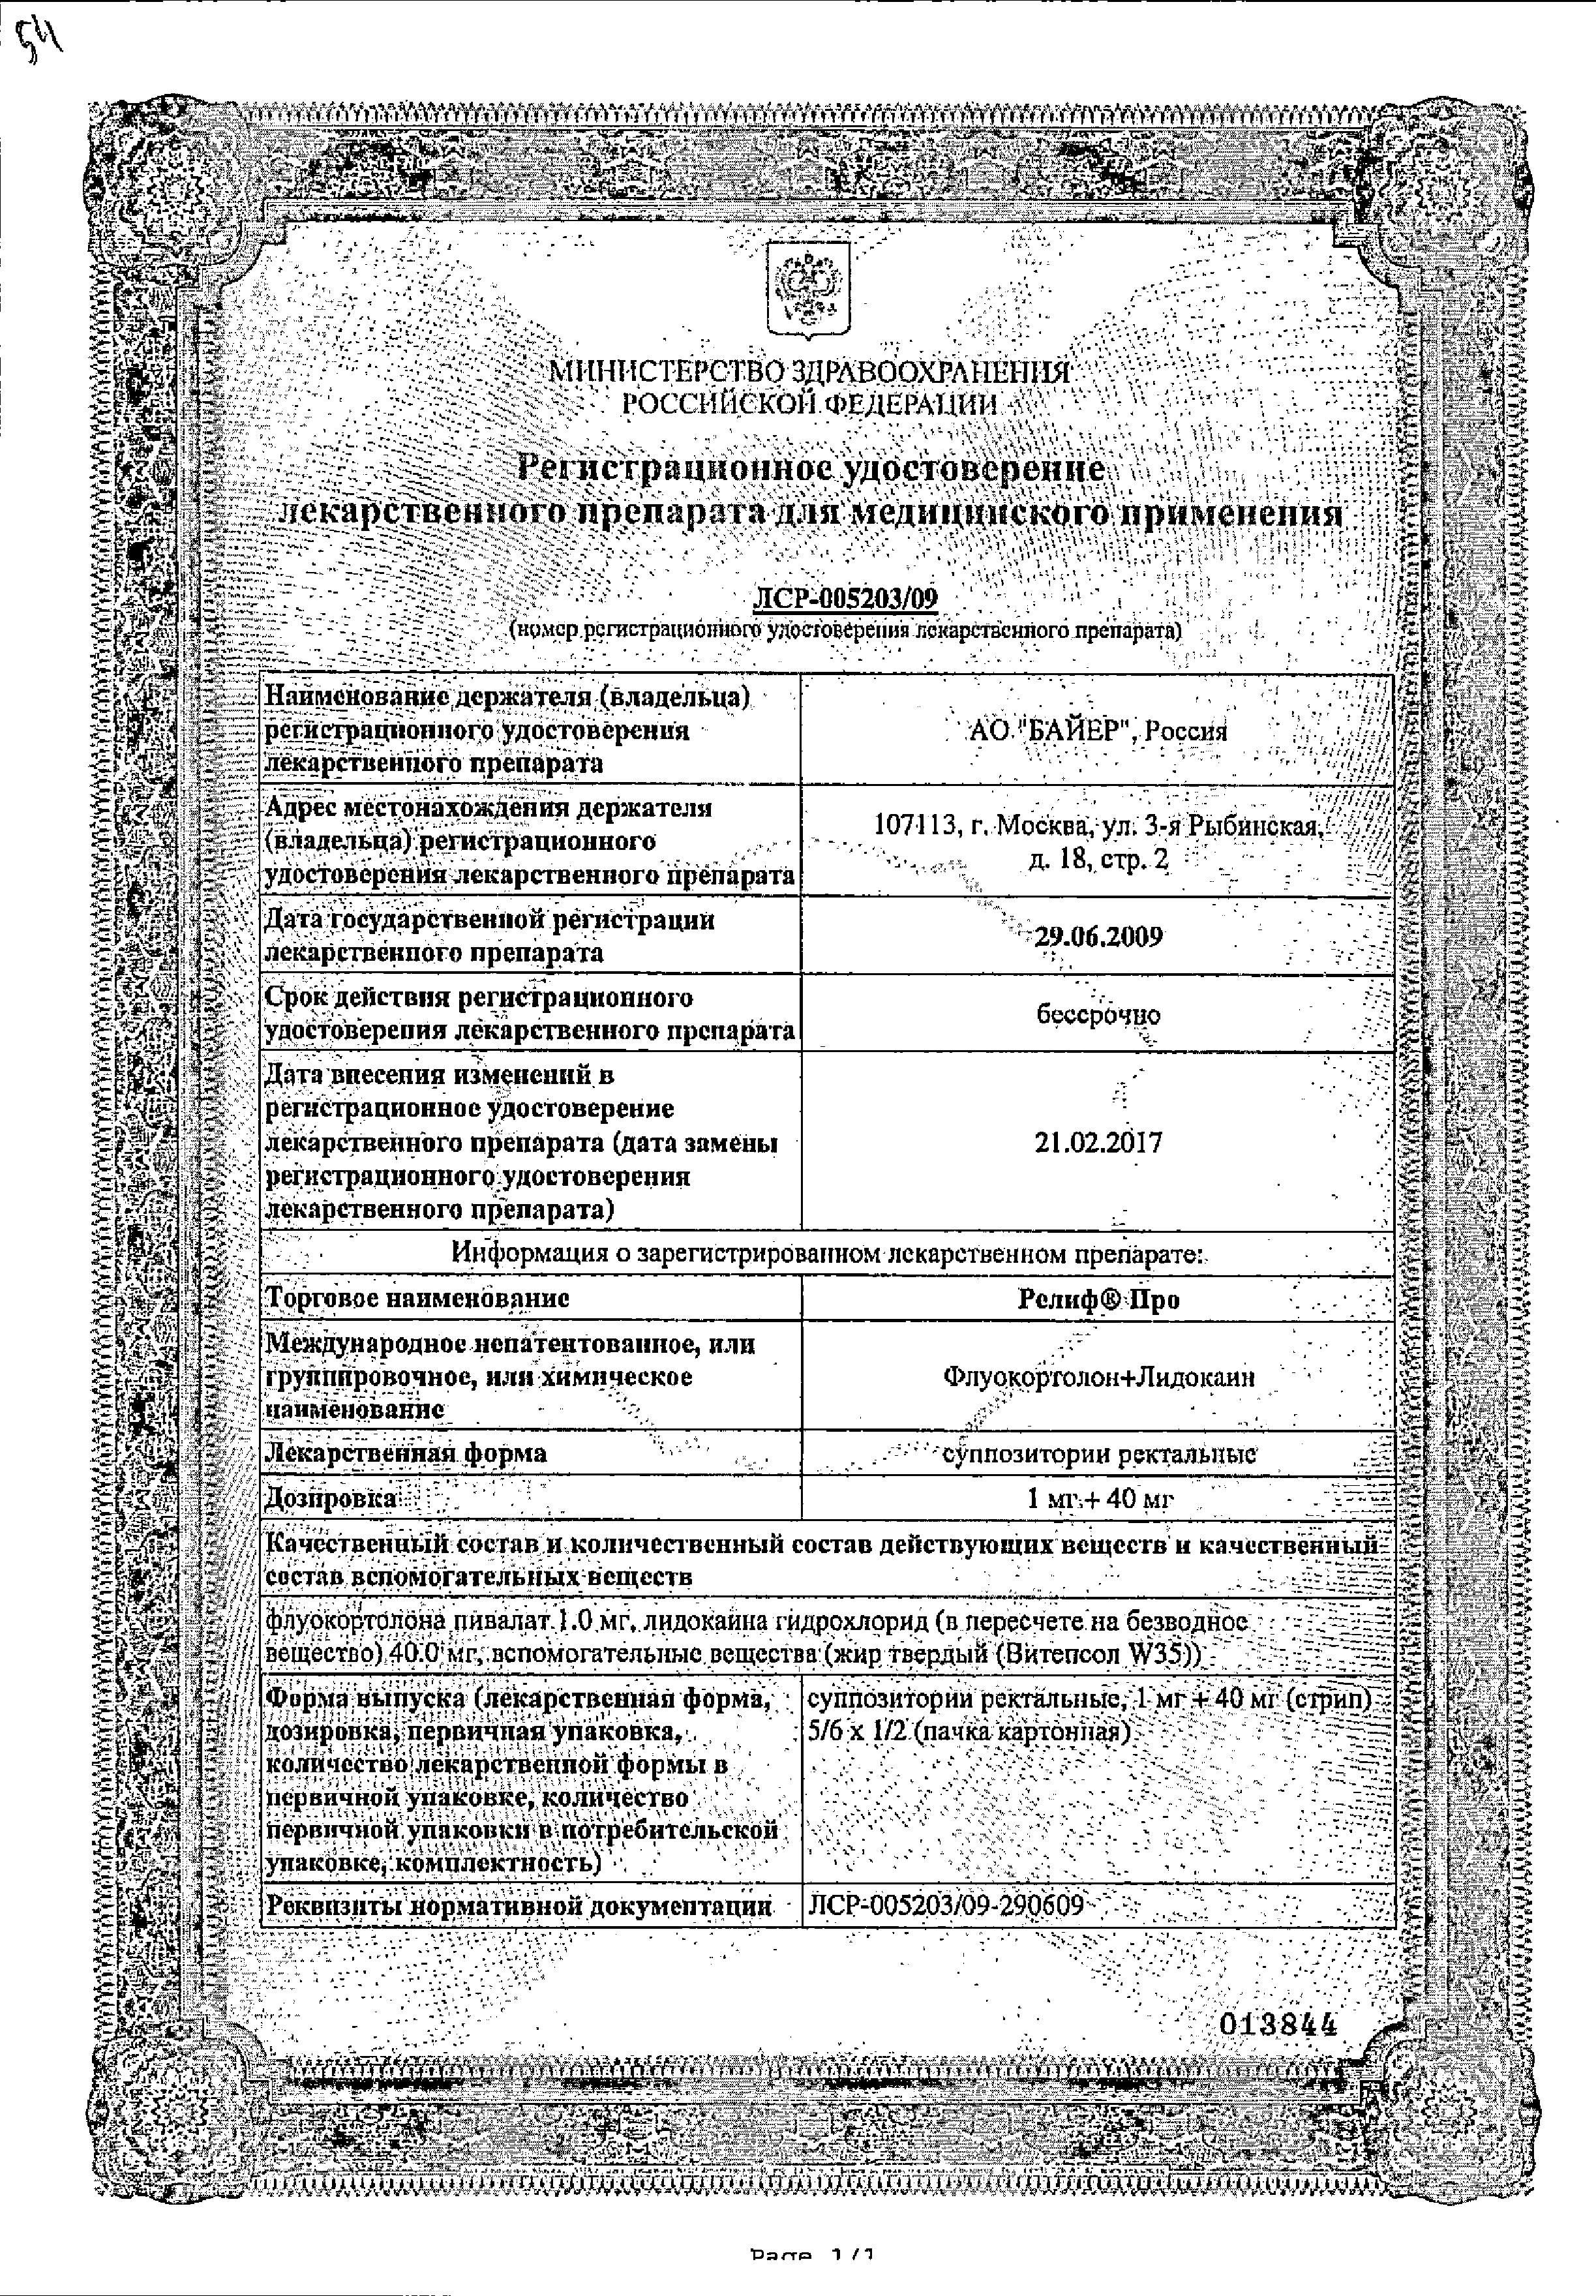 Релиф Про сертификат